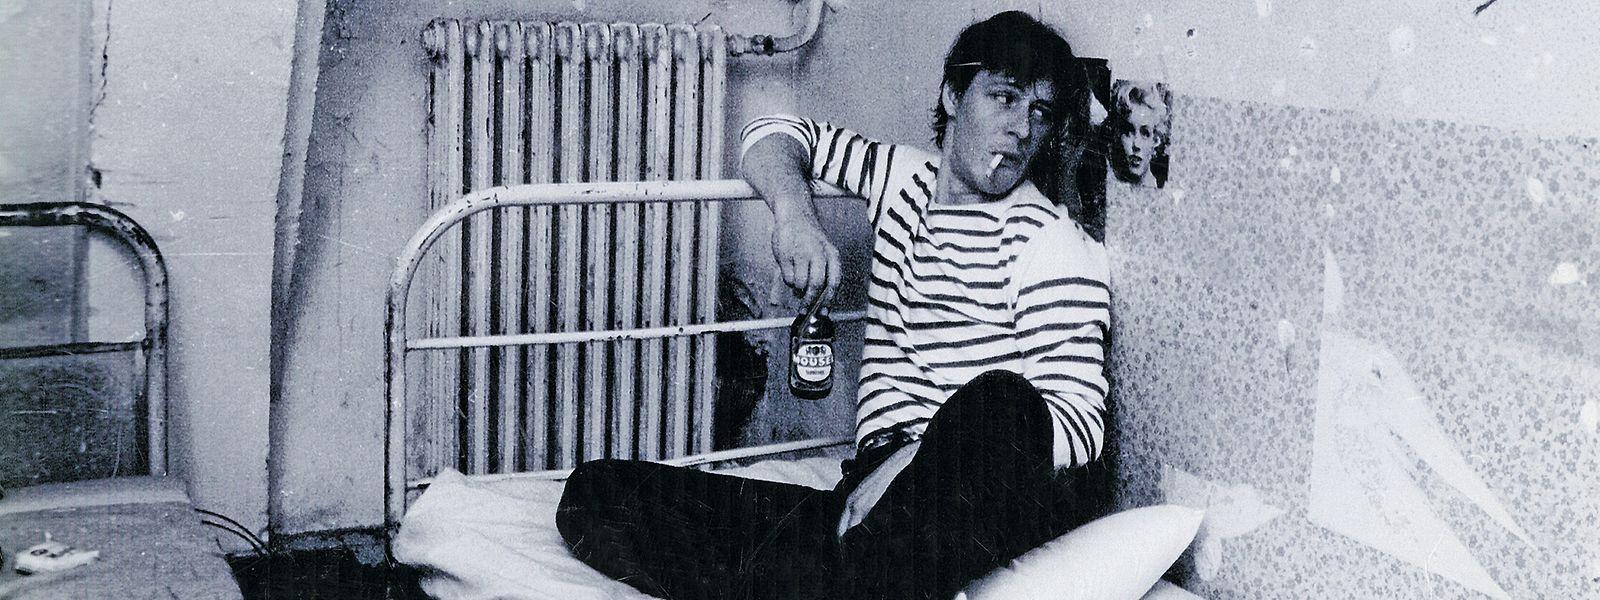 """Bei den Dreharbeiten von  """"Troublemaker"""" Ende der 1980er-Jahre: Thierry van Werveke schlüpft in die Rolle des """"Johnny Chicago""""."""